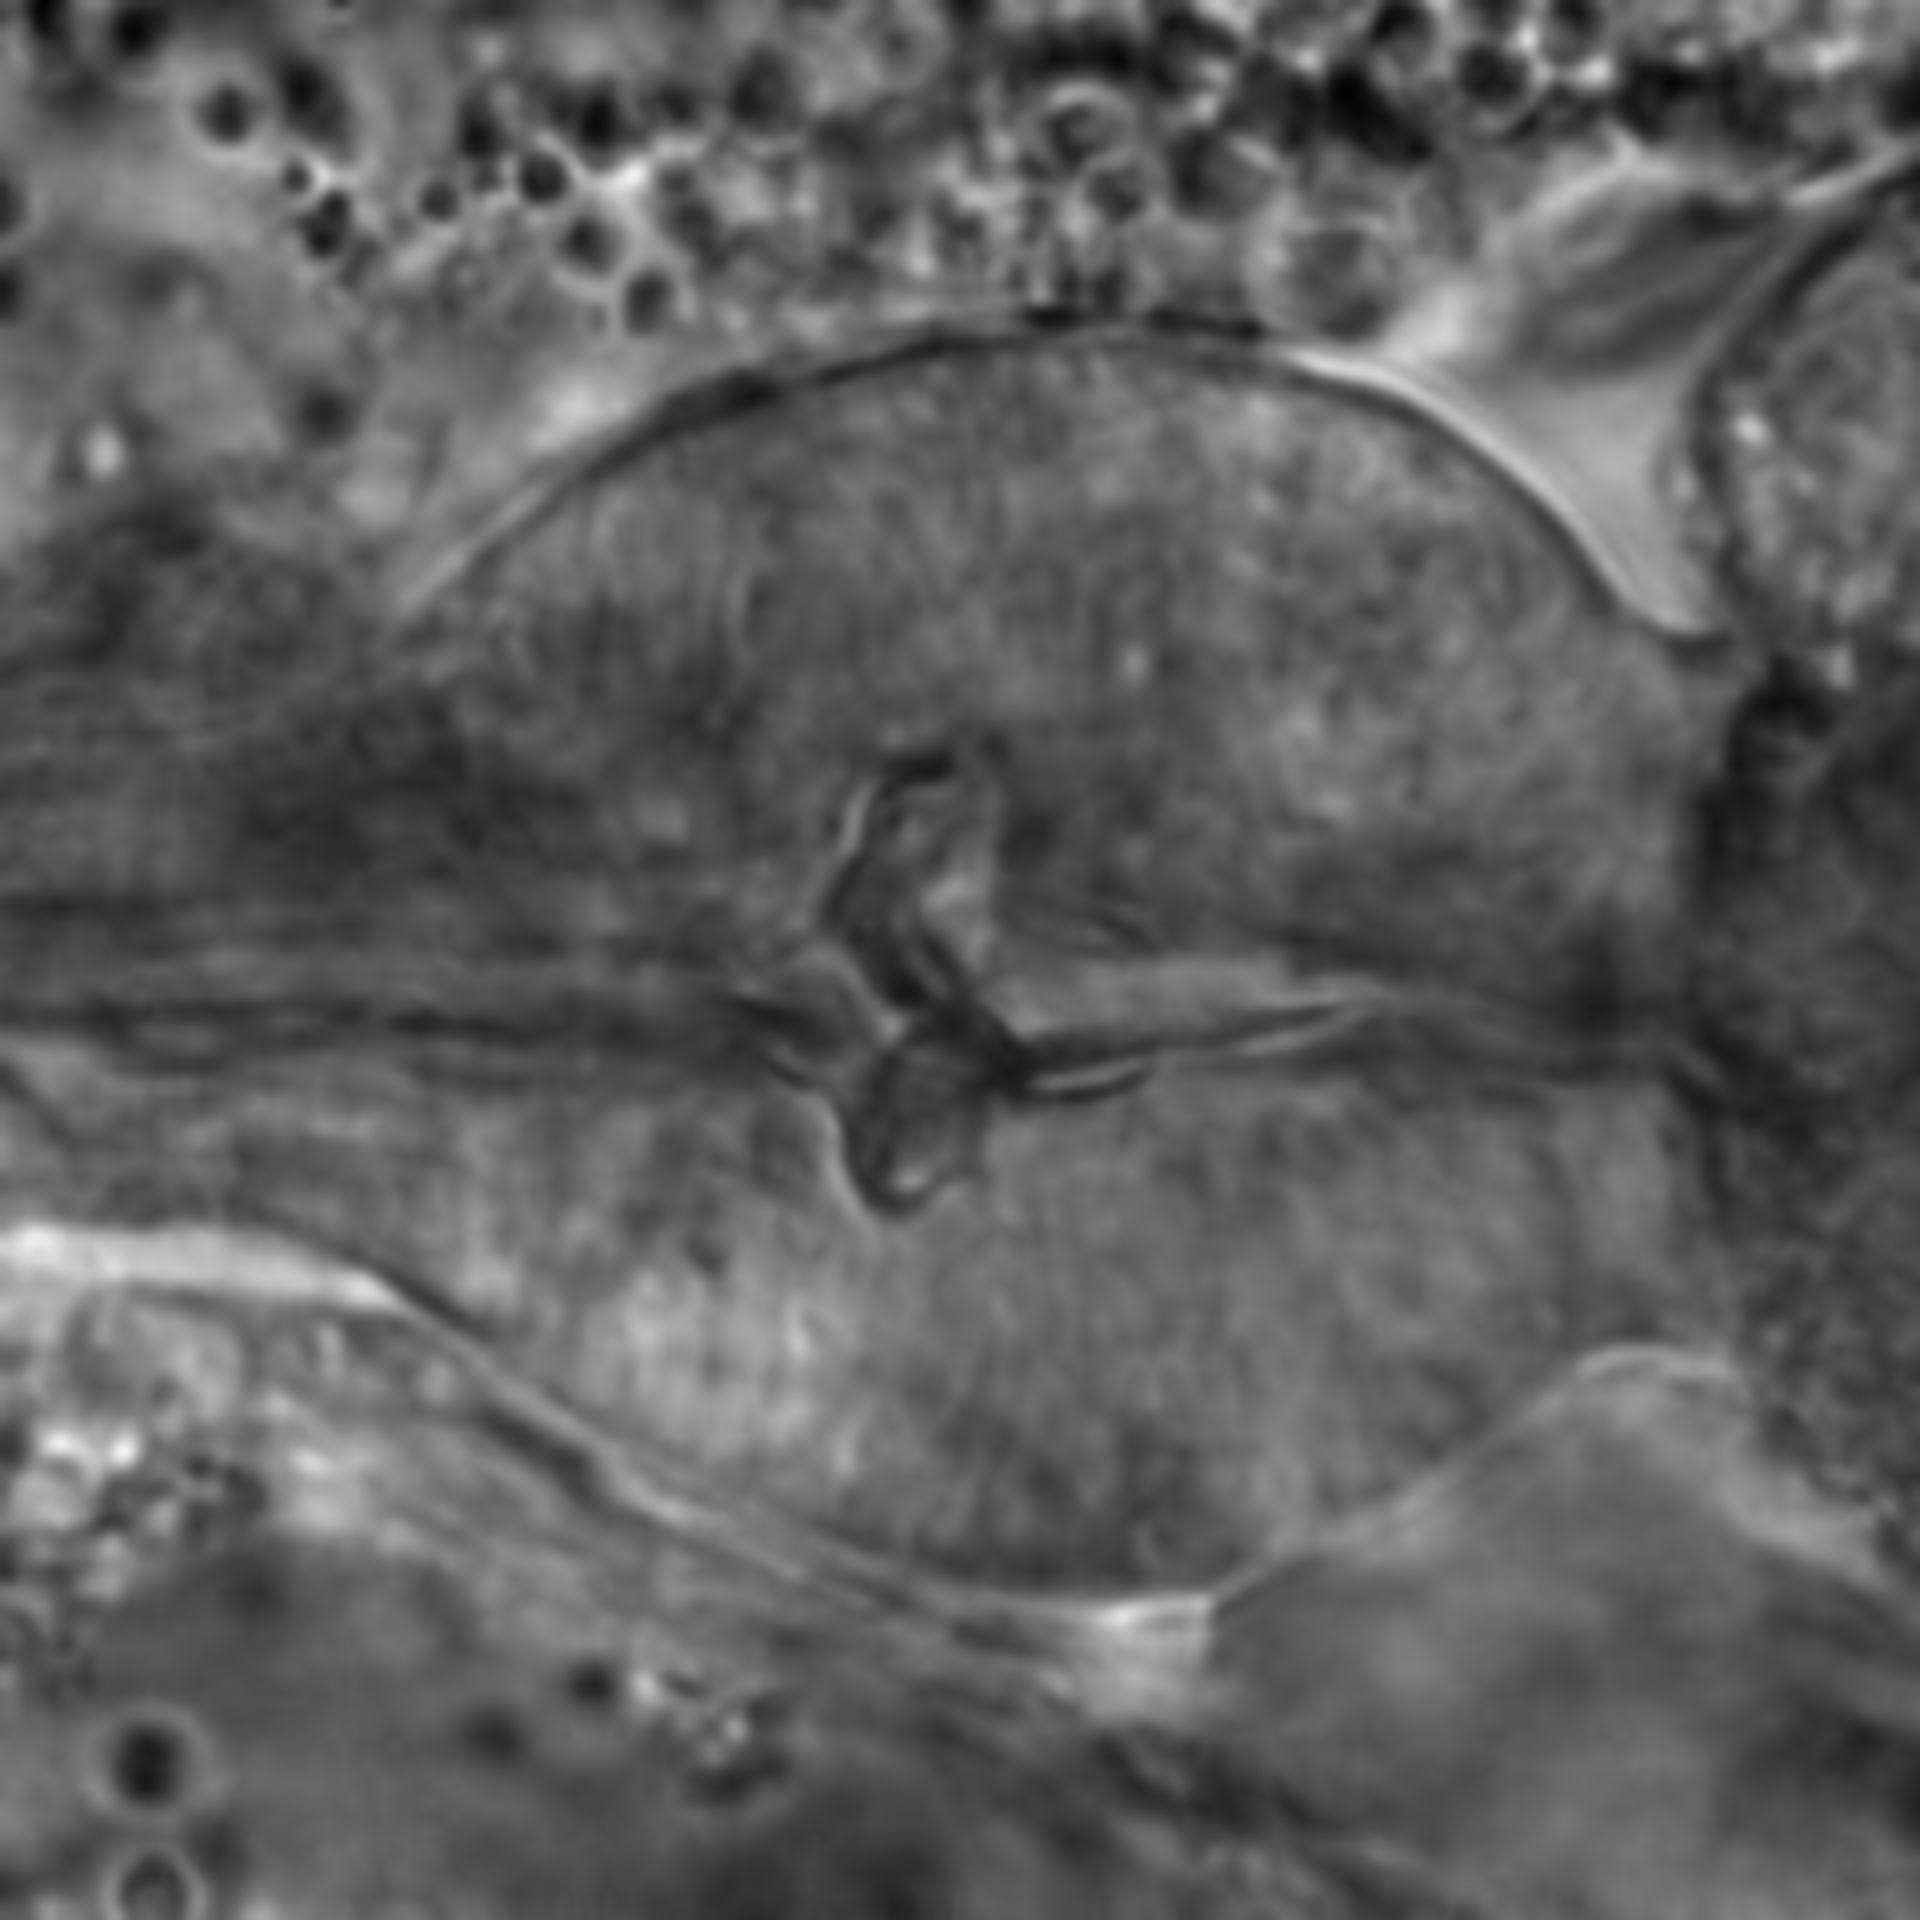 Caenorhabditis elegans - CIL:1716